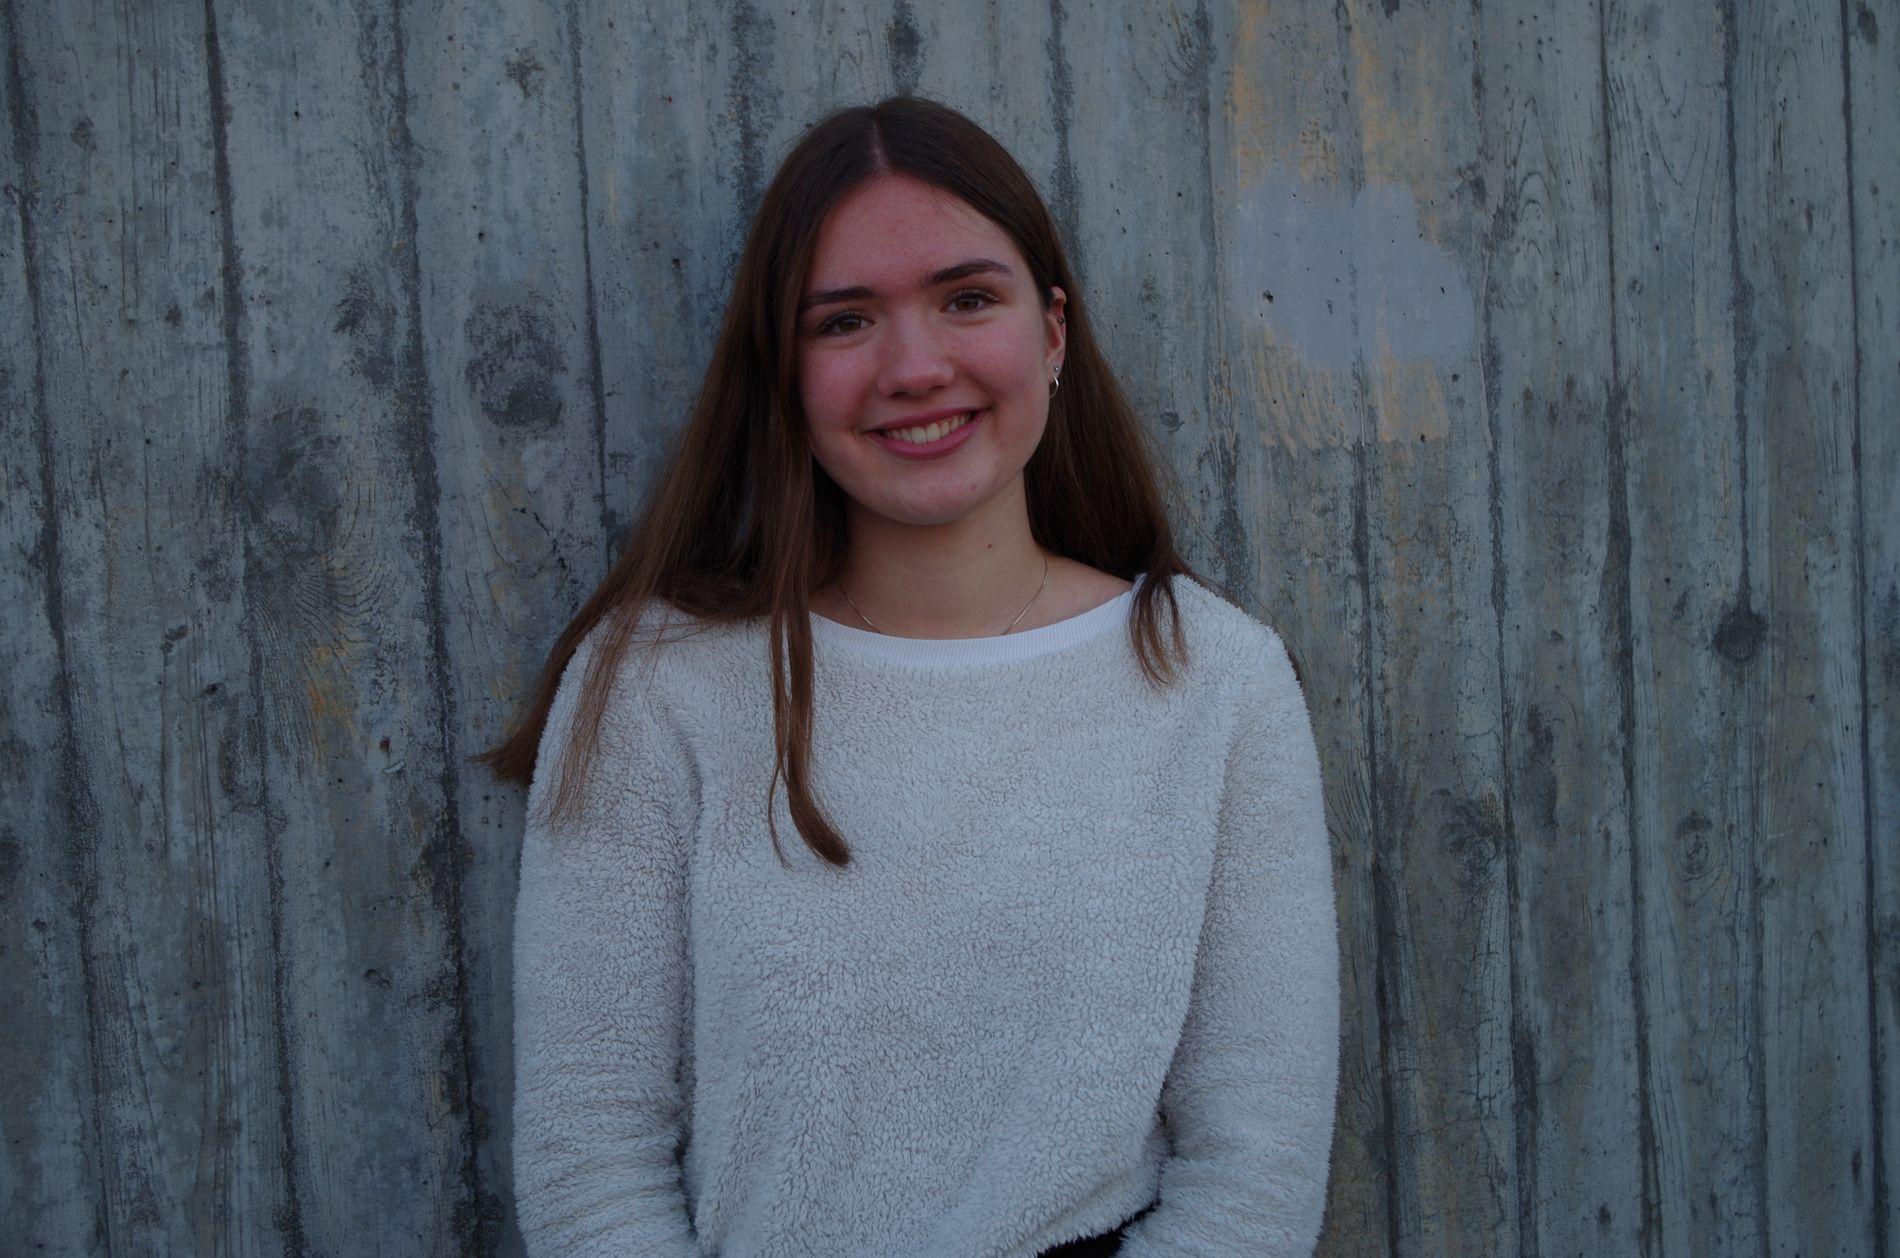 SOSIALE MEDIER:  Det er viktig å ha i bakhodet at ikke alt er realistisk på sosiale medier, skriver Olivia Shuler (14).